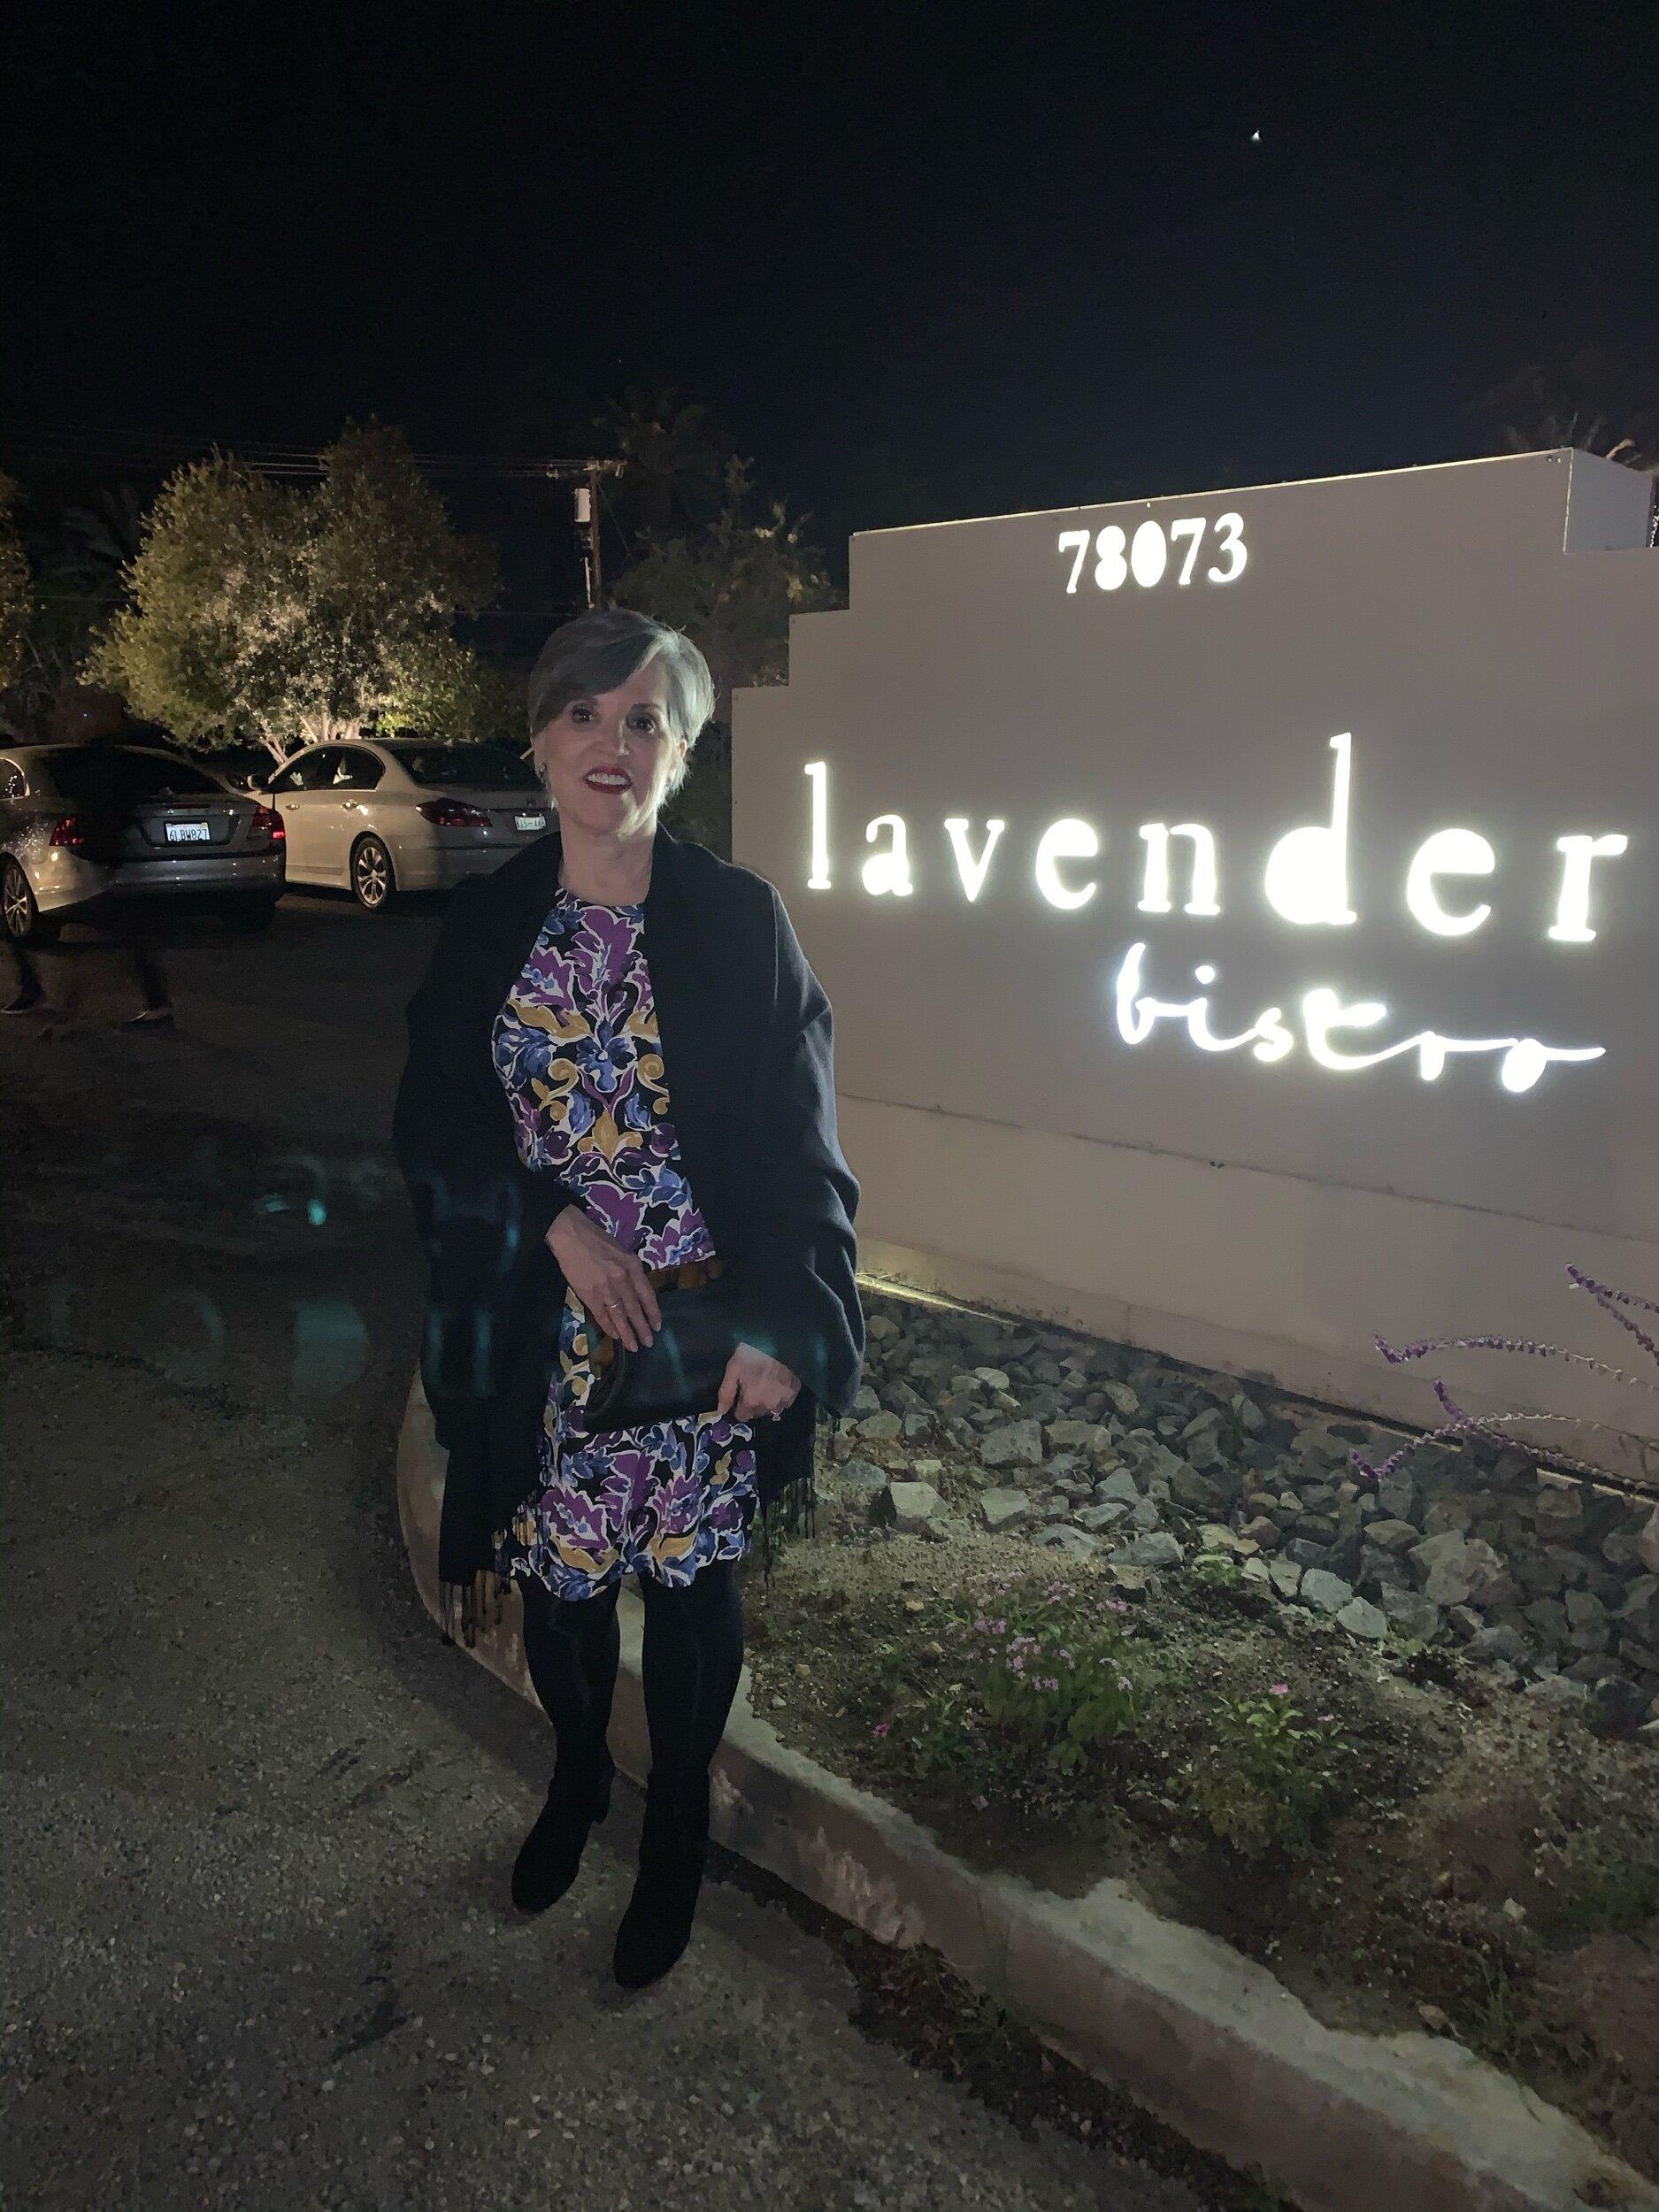 Dinner at Lavender Bistro